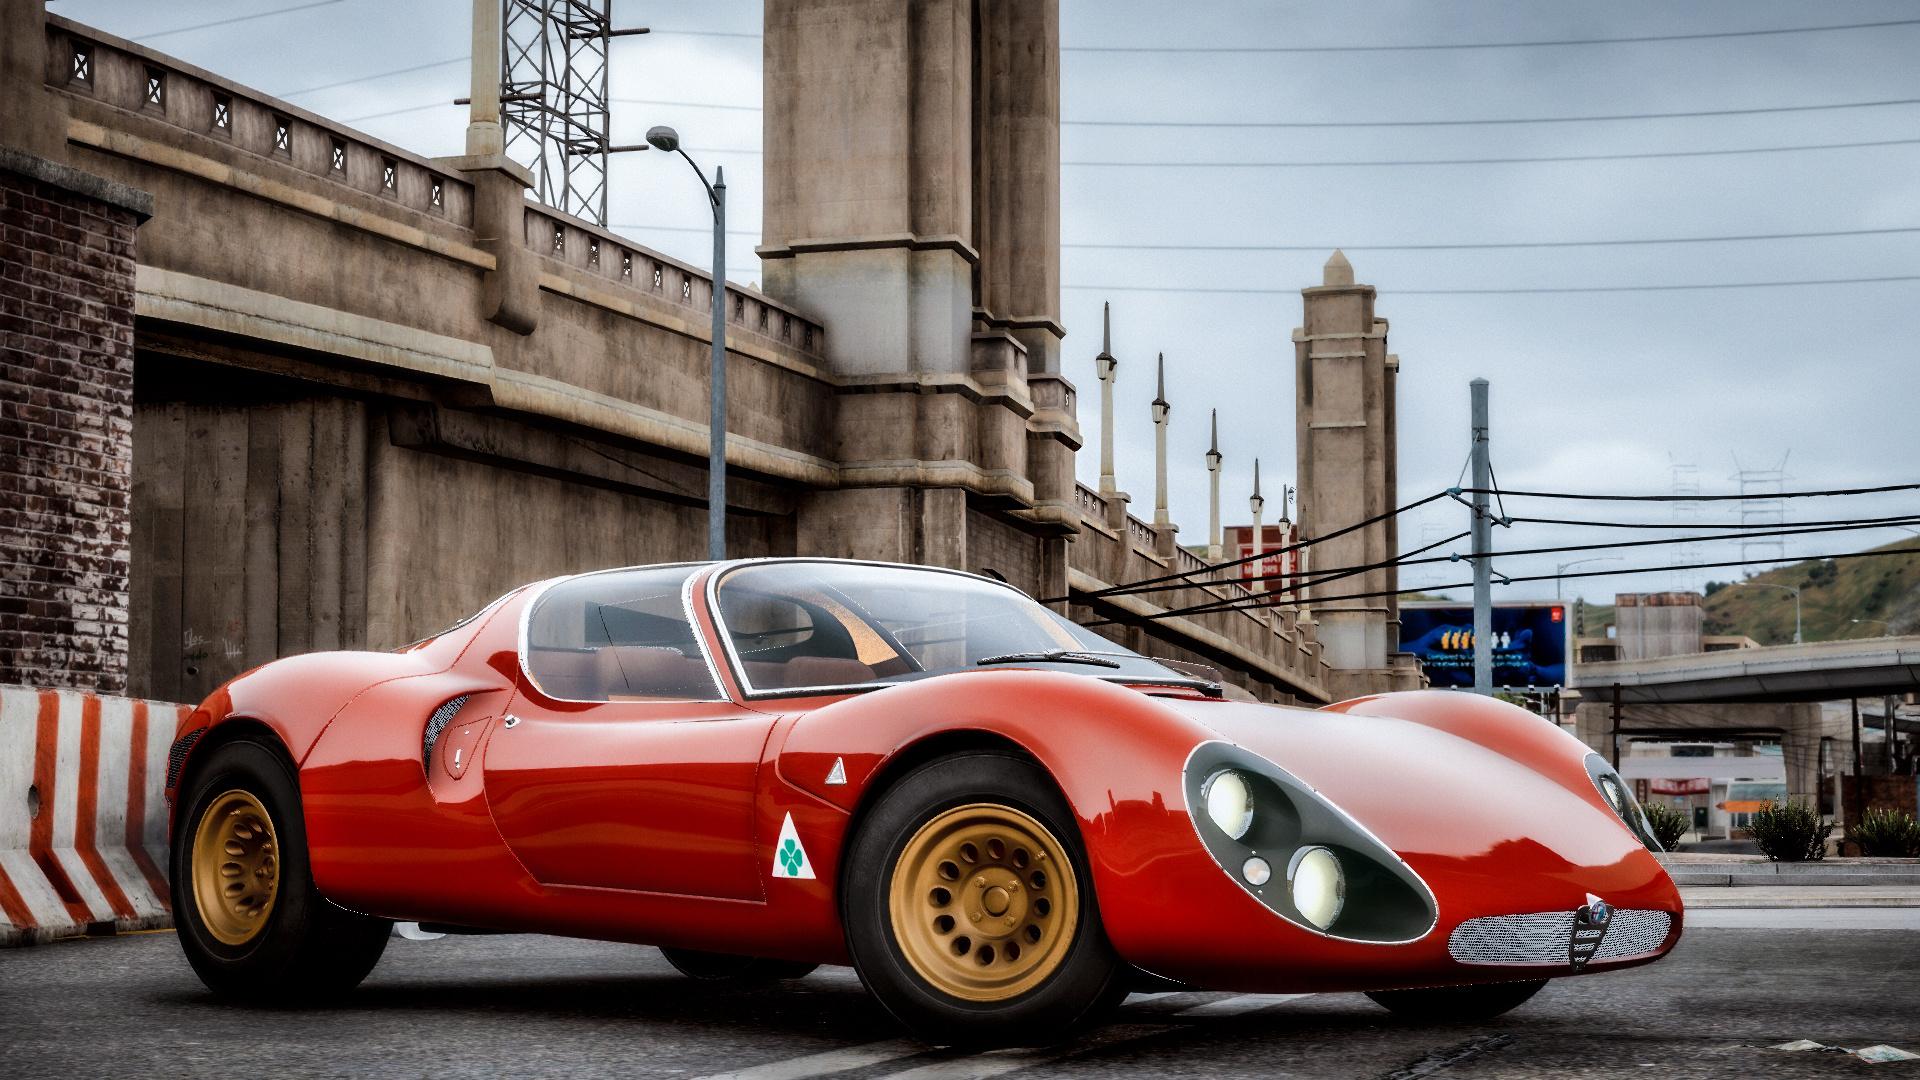 """Vaizdo rezultatas pagal užklausą """"Alfa Romeo 1967 gta 5"""""""